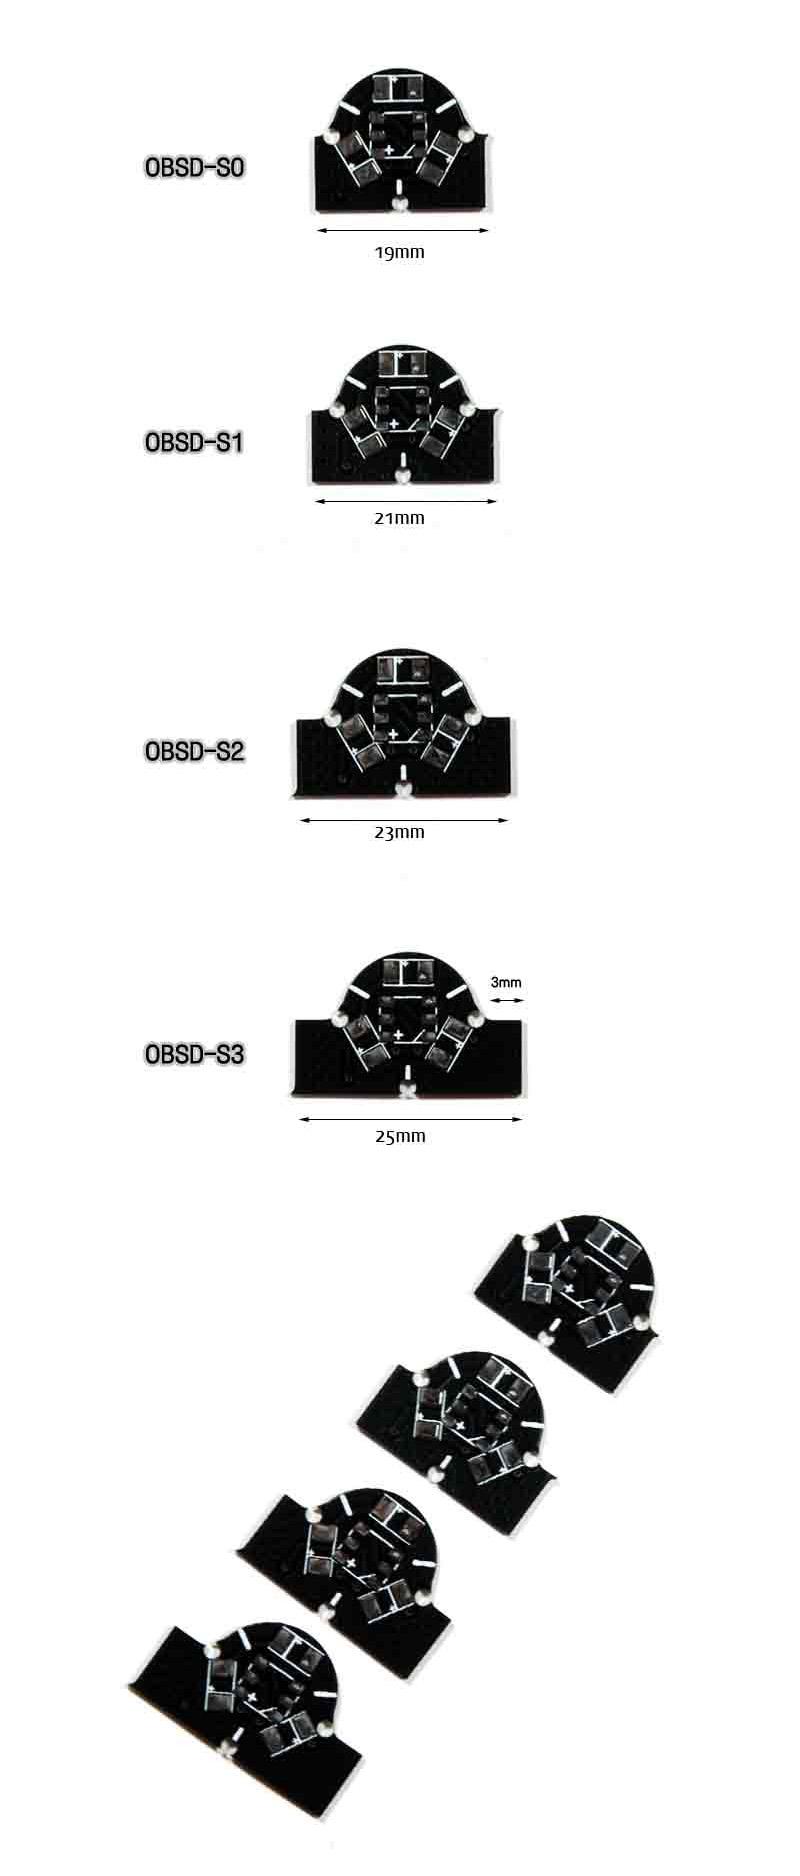 Плата O-BLOCK OBSD-S3 D-19